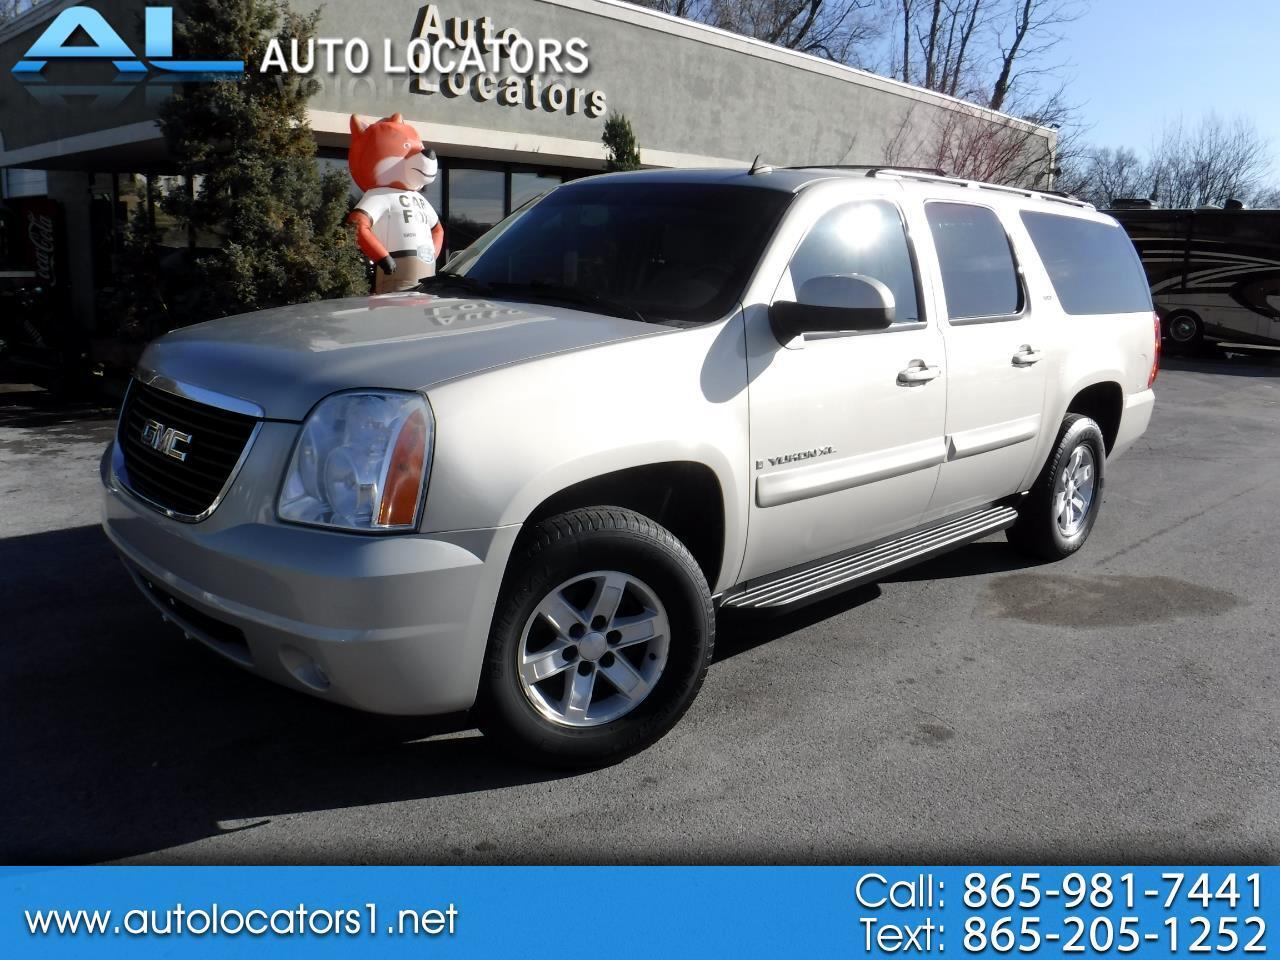 2008 GMC Yukon XL 4WD SLT XL